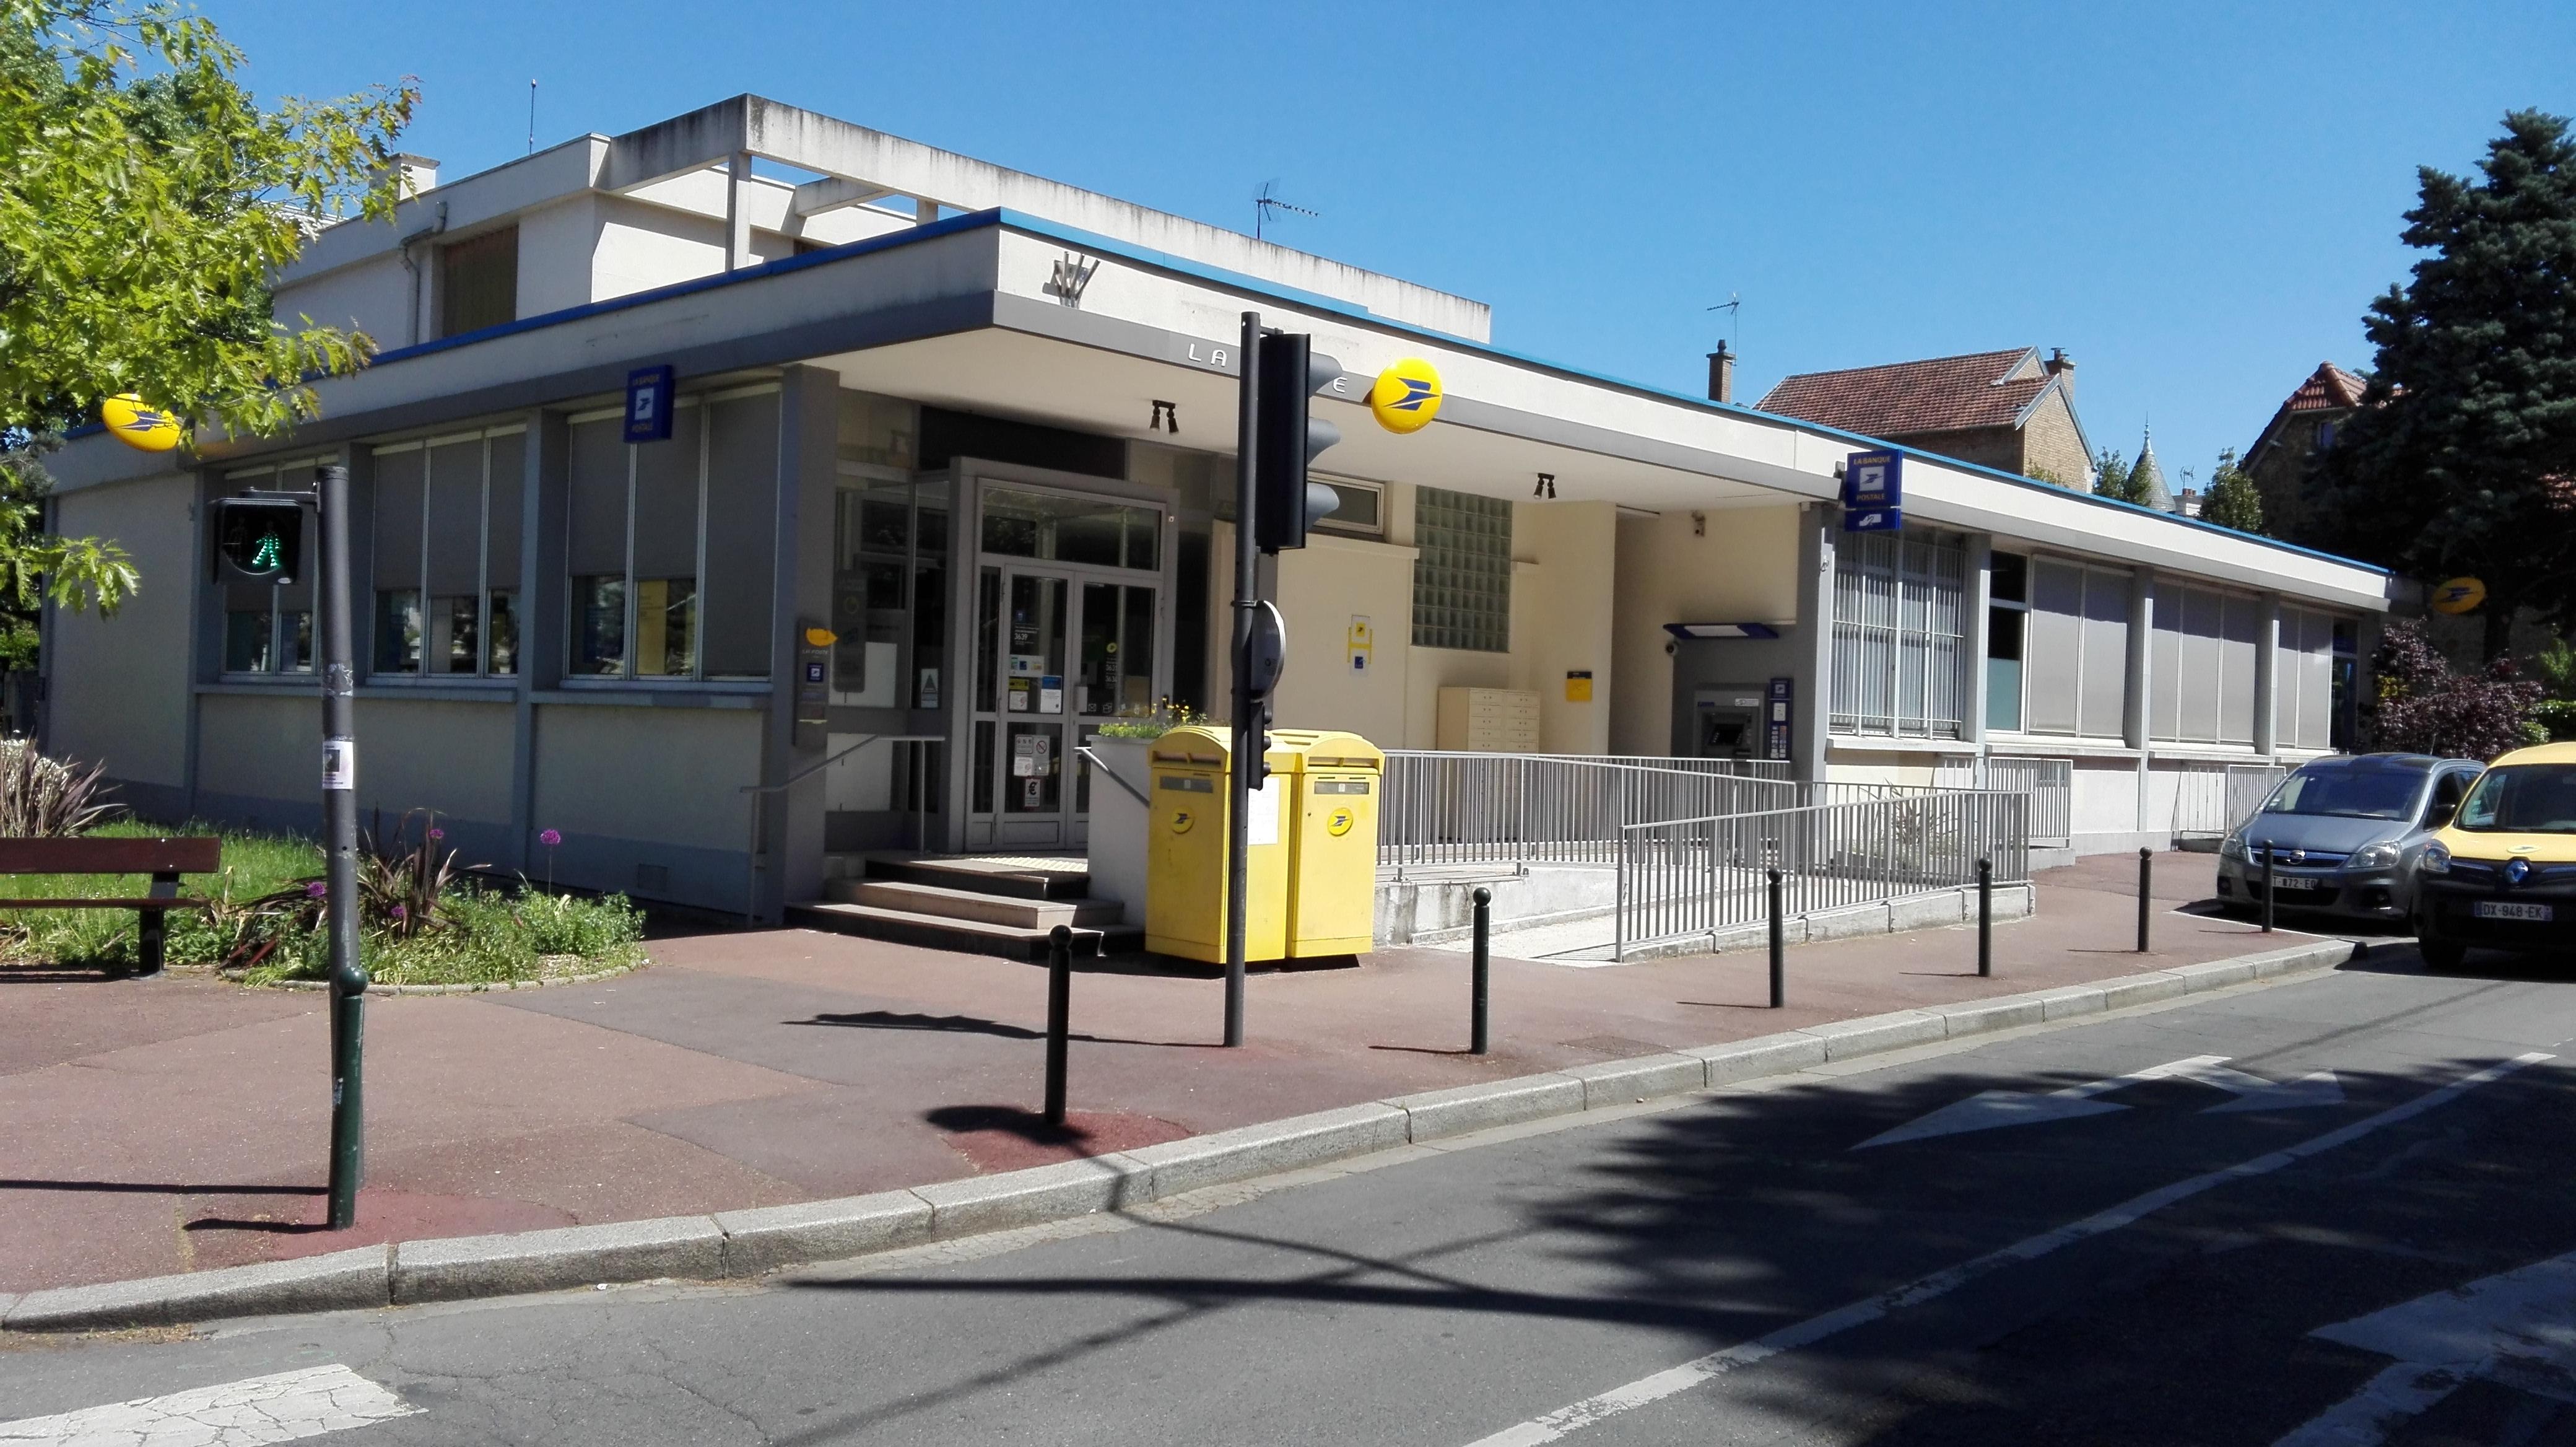 La poste envoi et distribution de courrier rue taitbout